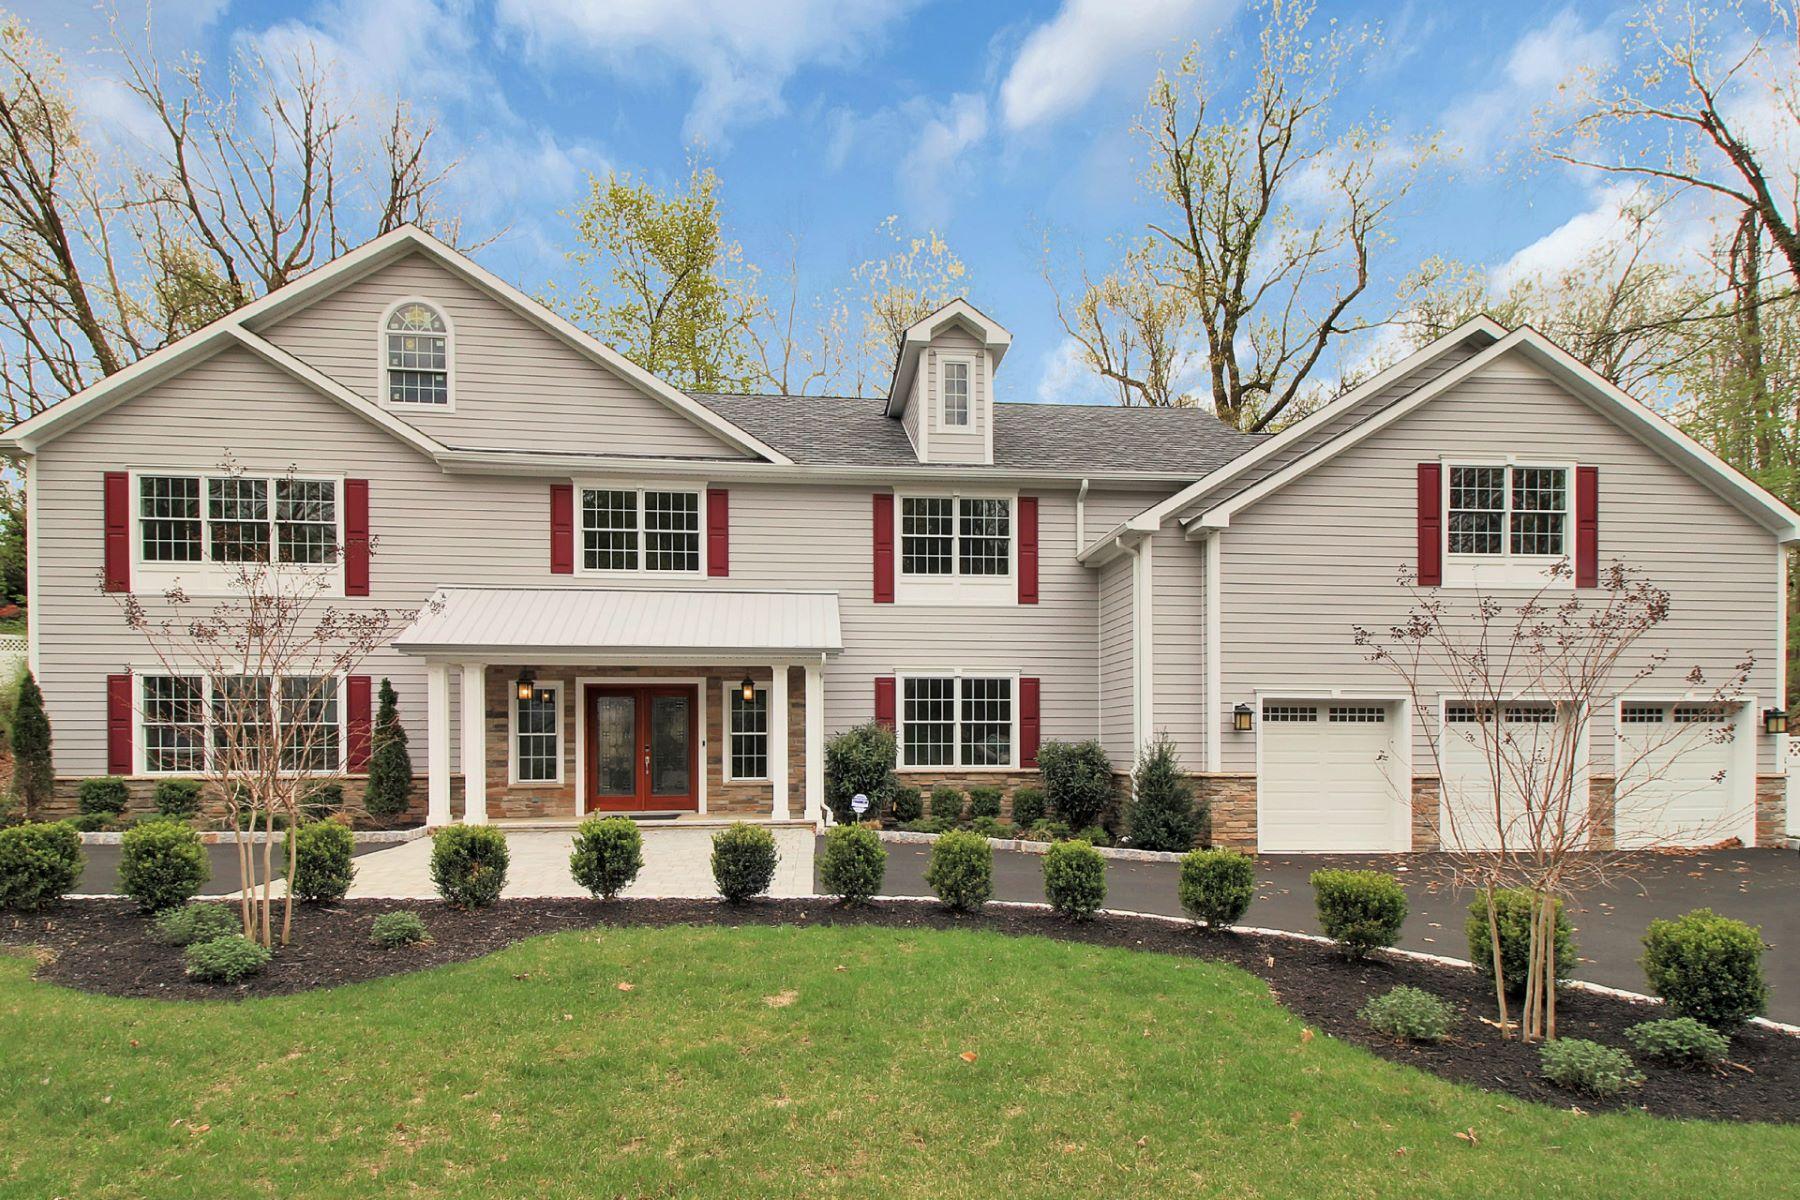 Maison unifamiliale pour l Vente à Custom Colonial ! 325 Runnymede Rd Essex Fells, New Jersey 07021 États-Unis